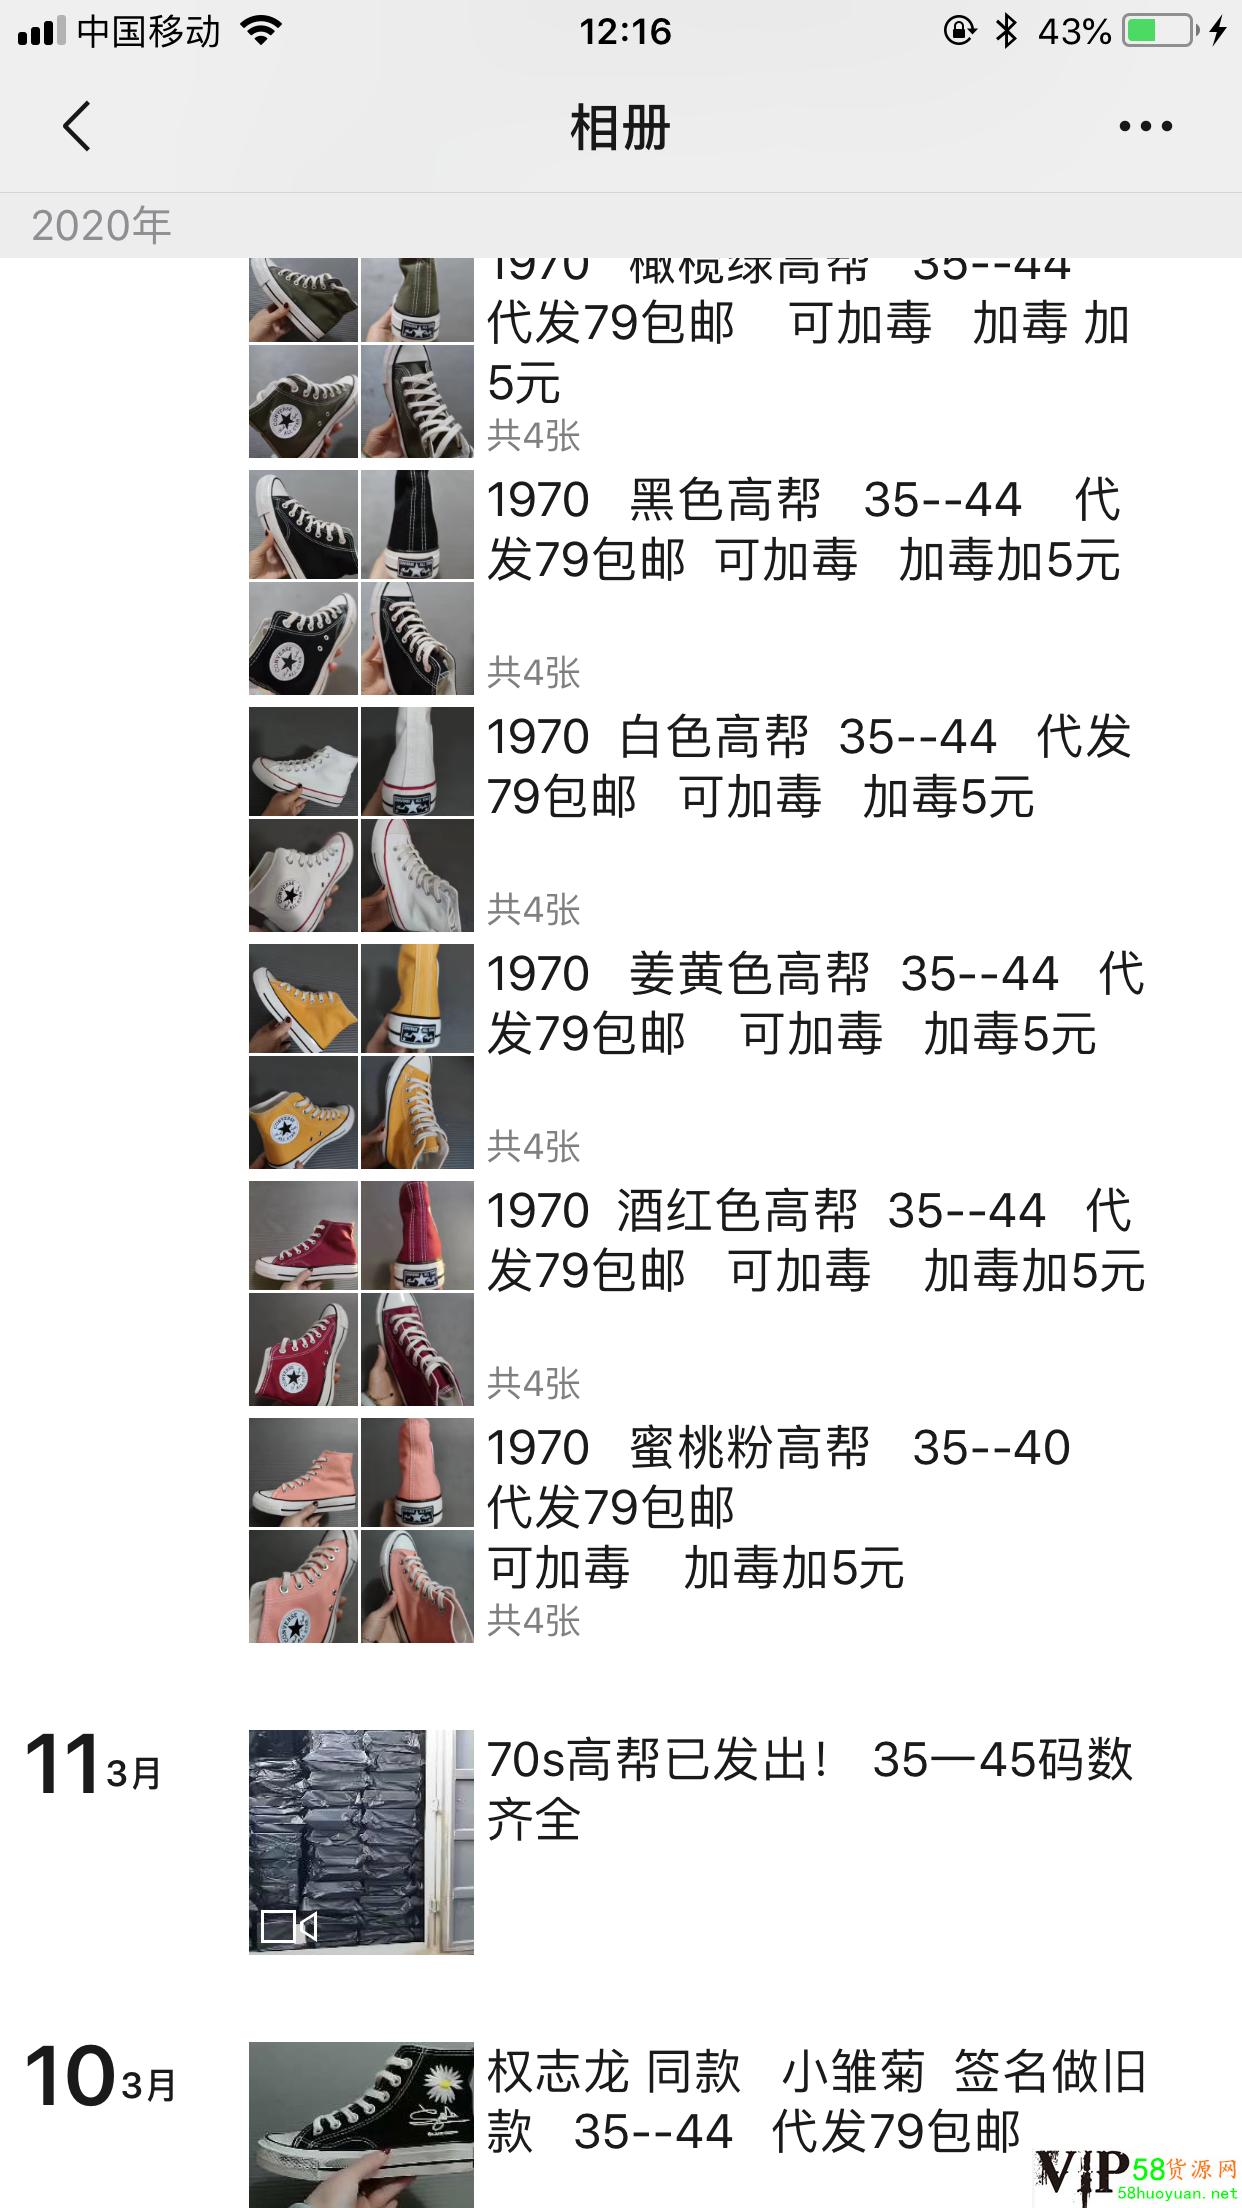 这是第4张匡威  万斯各种爆款厂家直销 保证全网最低价的货源图片